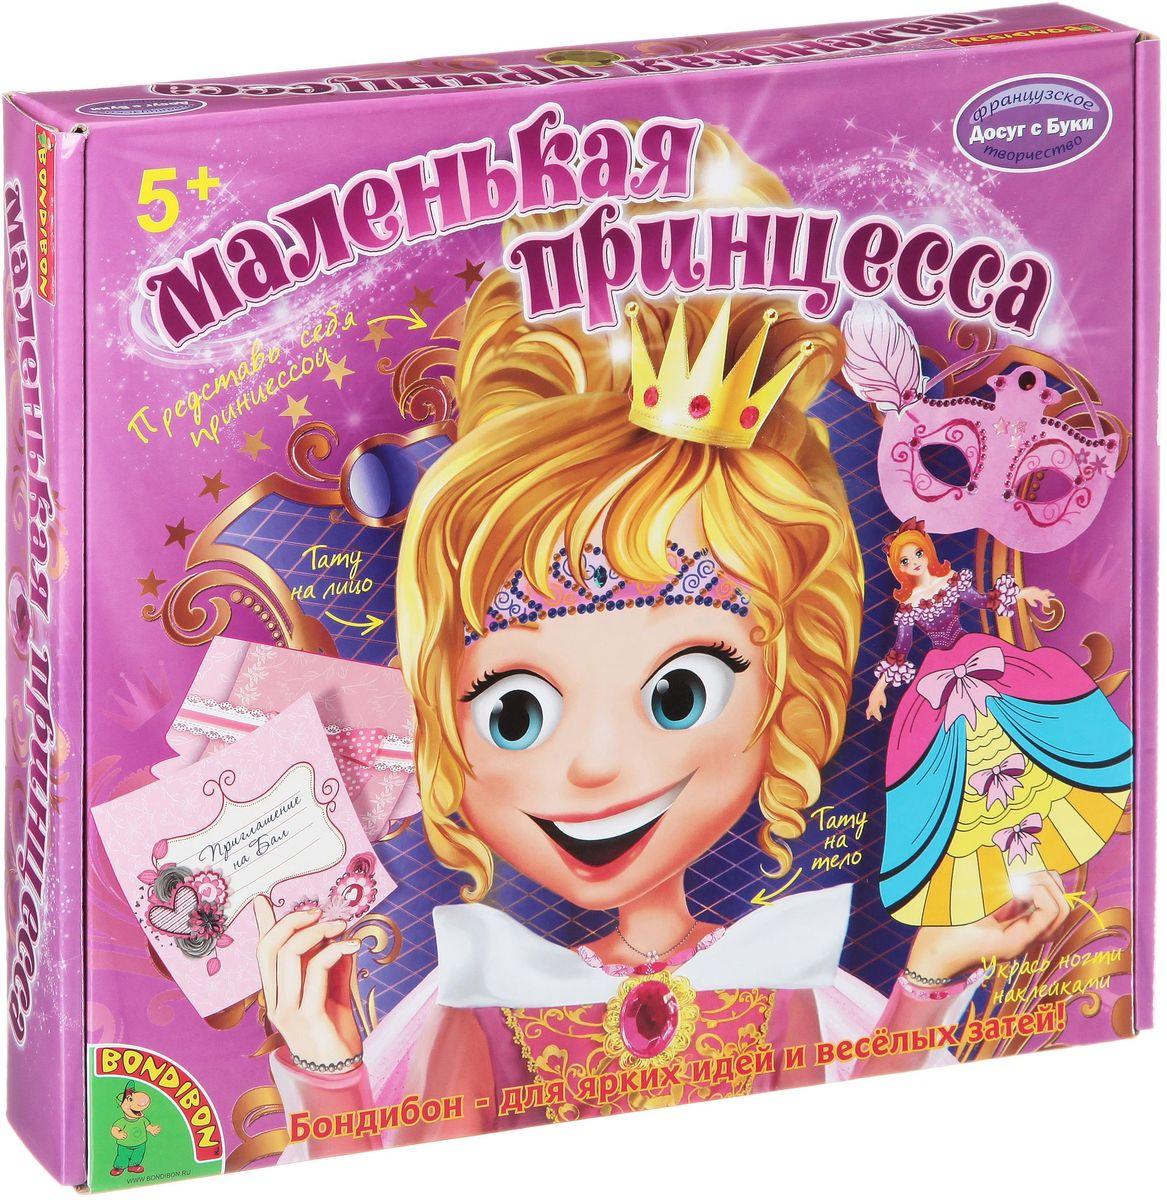 Bondibon Набор для моделирования из бумаги Маленькая принцессаВВ1277Каждой девочке порой хочется почувствовать себя настоящей принцессой и устроить сказочный бал, который запомнится навсегда! С замечательным набором для творчества Маленькая принцесса воплотить мечты в реальность стало просто и легко! В данный набор входят временные тату для лица и тела, самоклеящиеся наклейки для ногтей, а также цветная бумага, стразы и фломастеры, с помощью которых девочки смогут приготовить приглашение на бал и украсить куклу игрушки-принцессы. Также девочки смогут по прилагаемым в наборе чертежам сделать бумажные украшения – маску для лица, бумажные бусы и браслеты. Теперь для бала маленькой принцессы все готово!